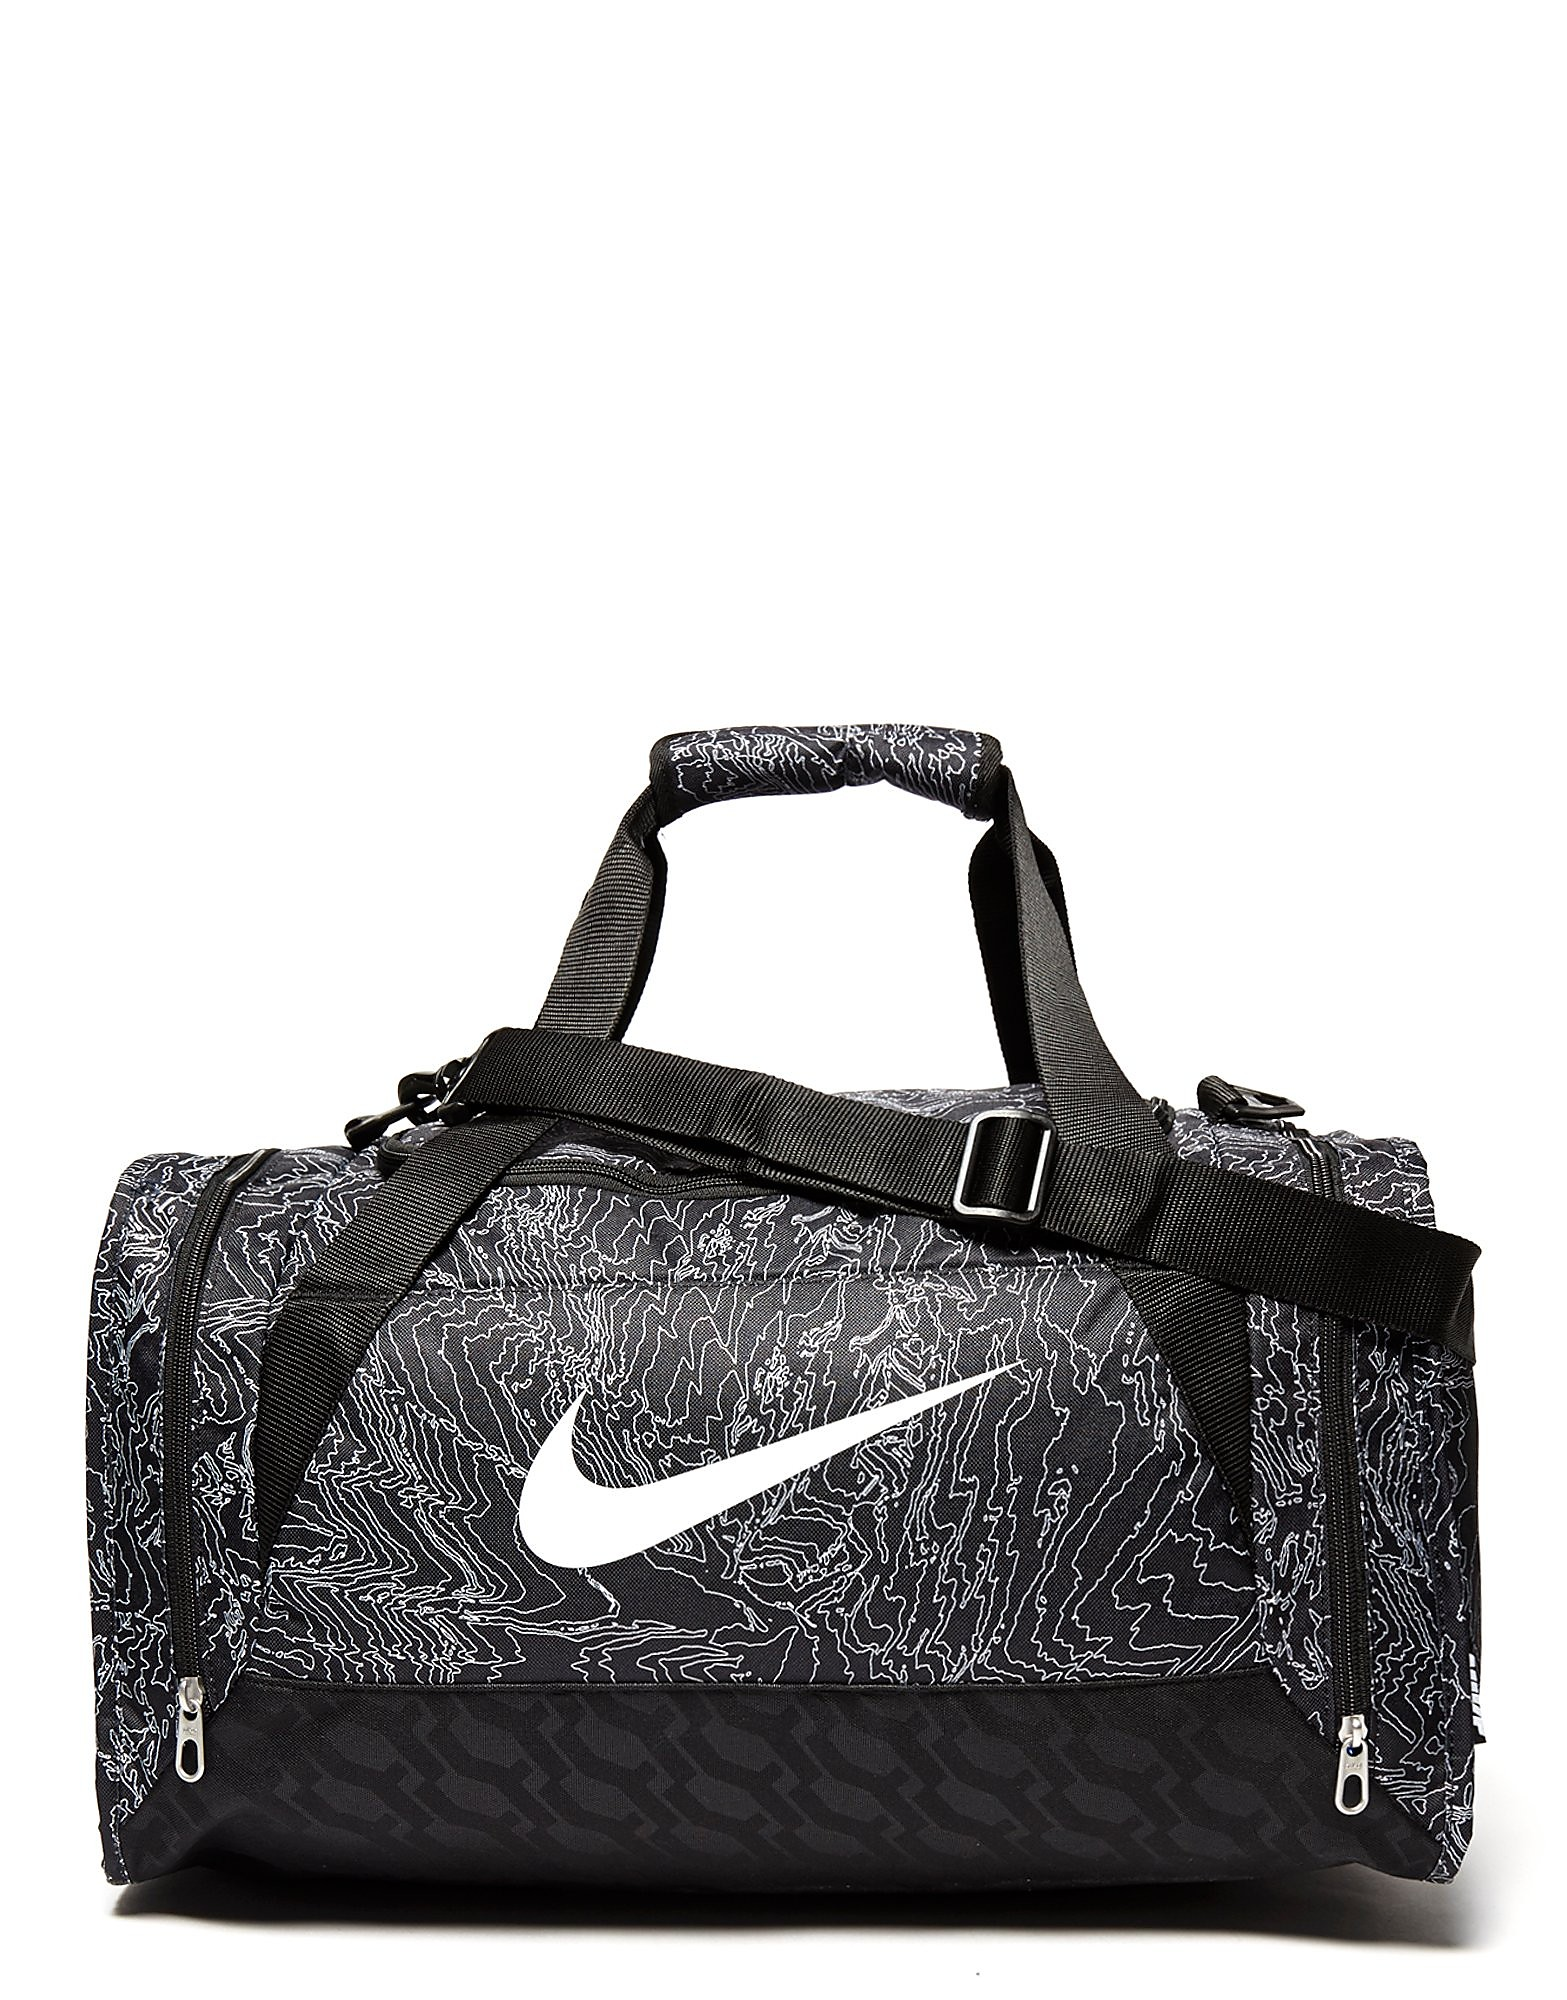 Nike Graphic Duffel Bag